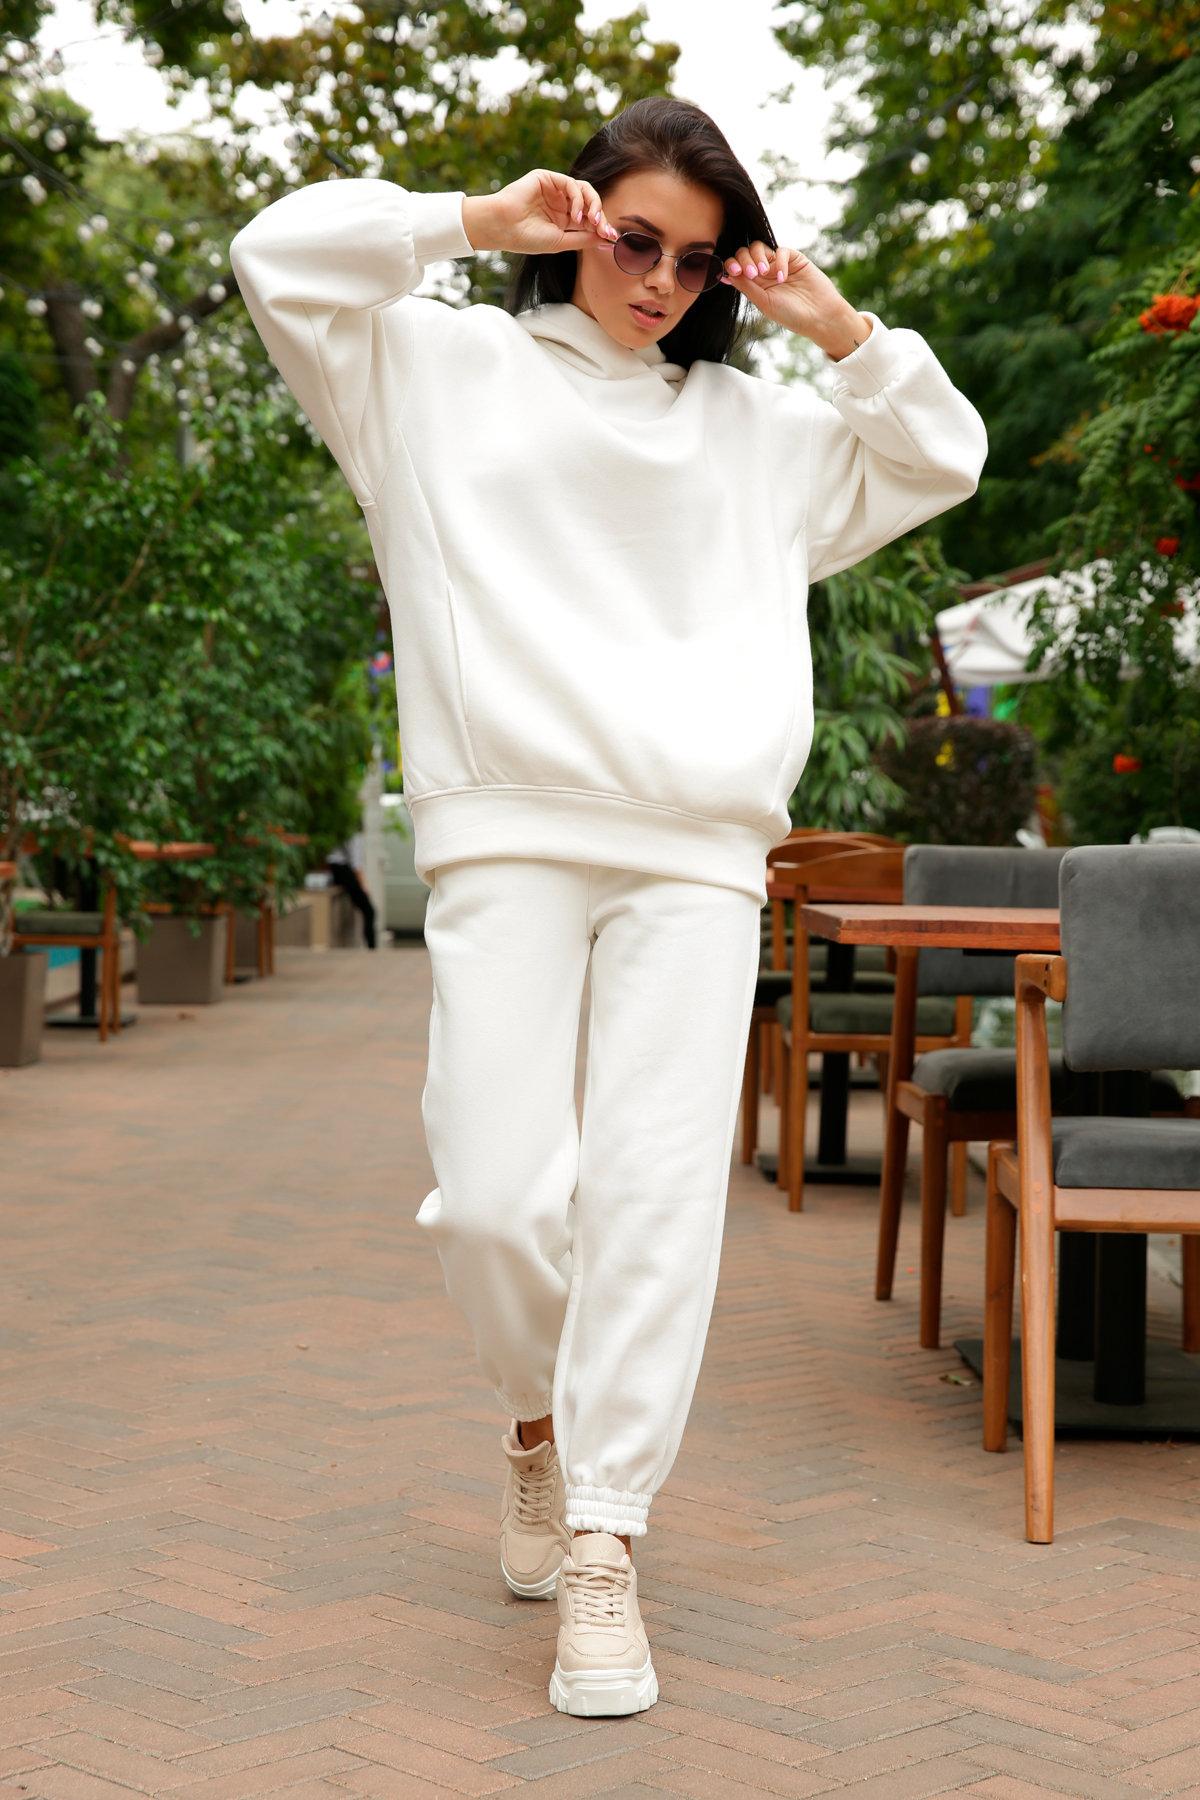 Марион костюм в  стиле Oversize  3х нитка 9651 АРТ. 46045 Цвет: Молоко - фото 8, интернет магазин tm-modus.ru